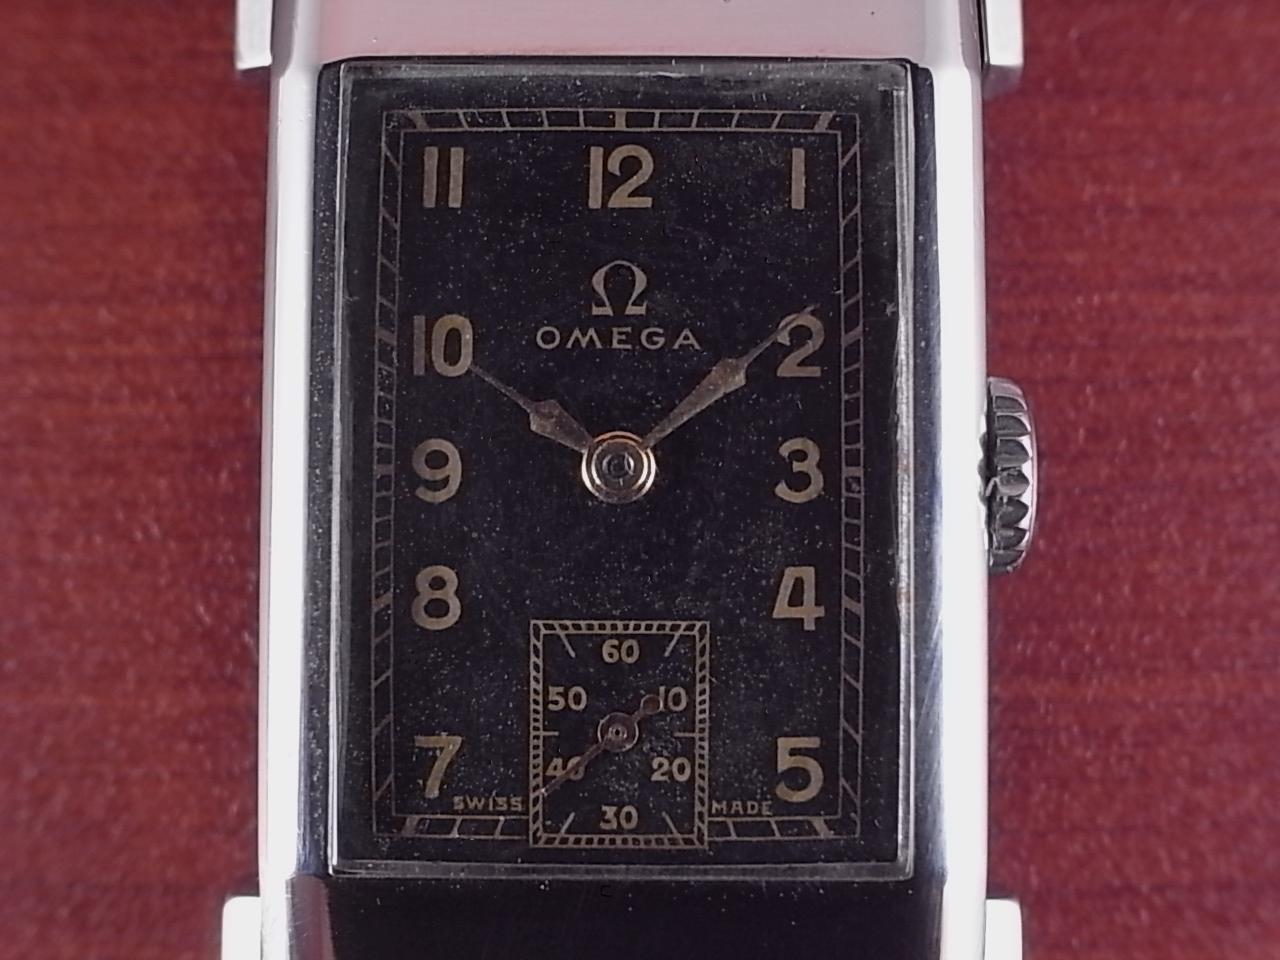 オメガ レクタンギュラー フレキシブルラグ キャリバーT17 1930年代の写真2枚目